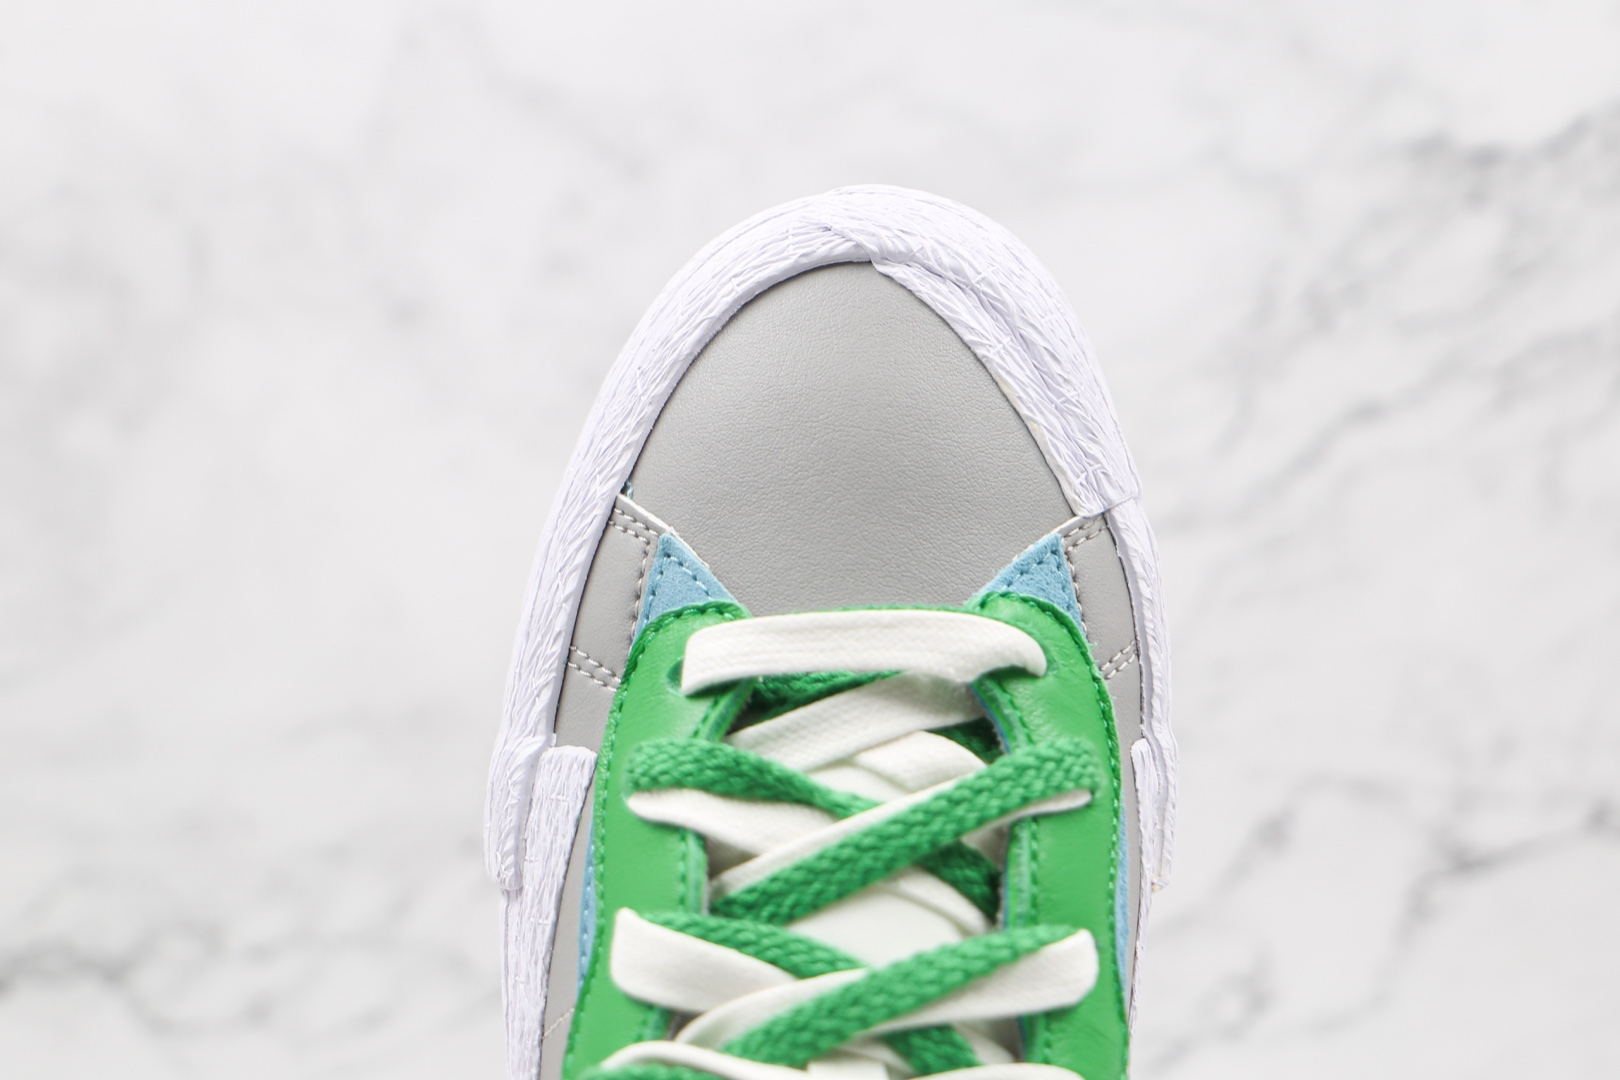 耐克Nike Blazer Low x Sacai联名款纯原版本低帮灰白绿双钩板鞋原鞋开模一比一打造 货号:DD1877-001